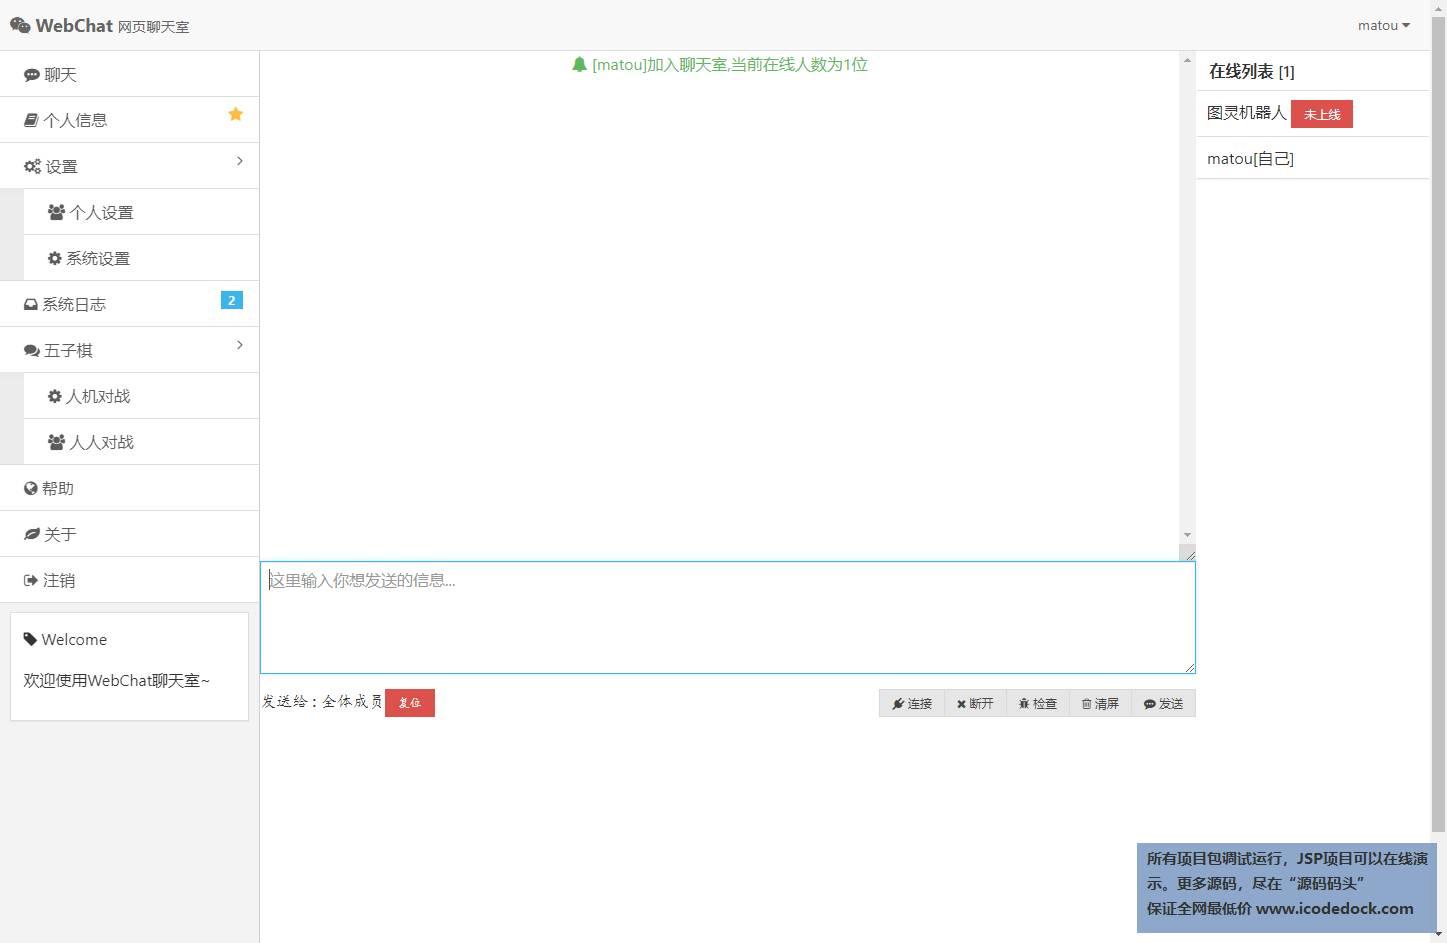 源码码头-SSM网页版聊天室平台含五子棋小游戏版-用户1角色-发送聊天信息